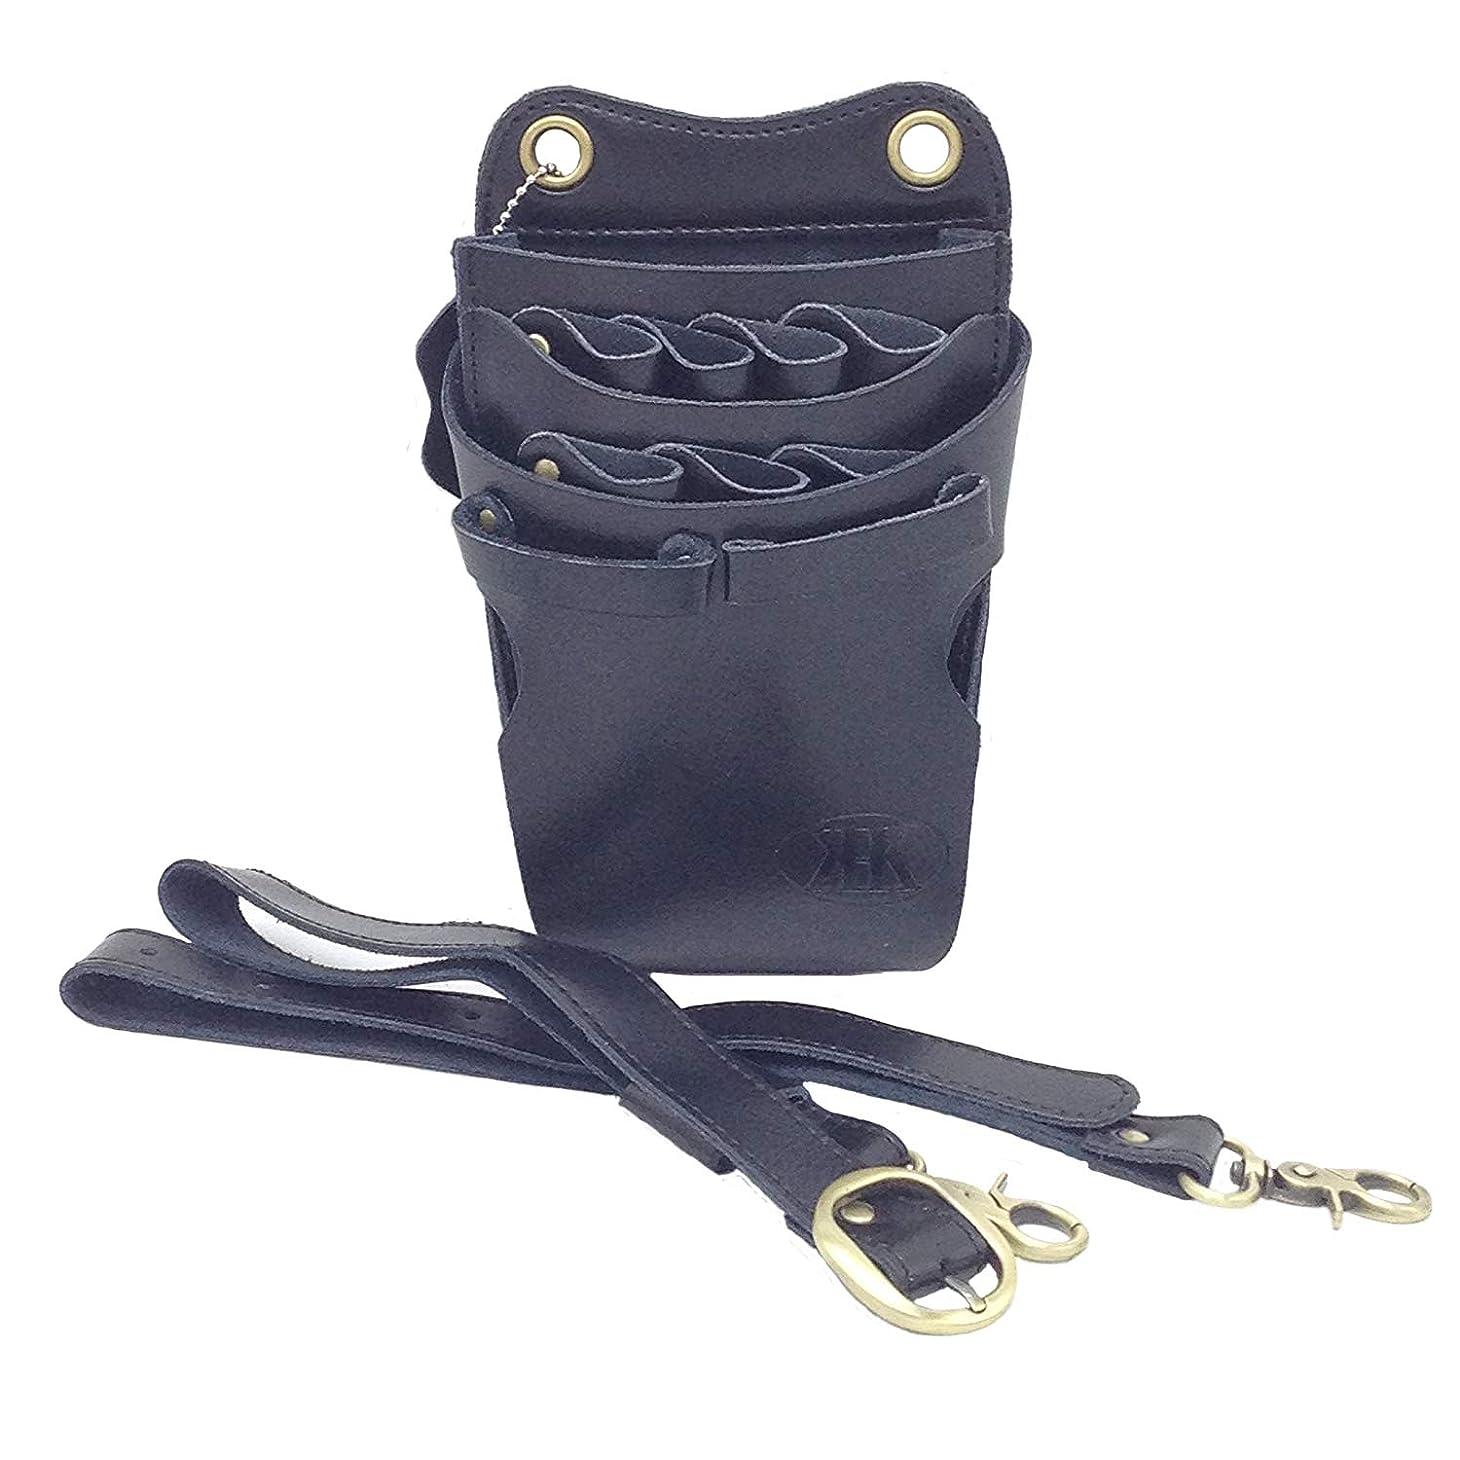 タクト意見綺麗なKK(三四郎市場) 本革 シザーケース 業務用シザーバッグ 7丁 (本革ベルト、ブラック)